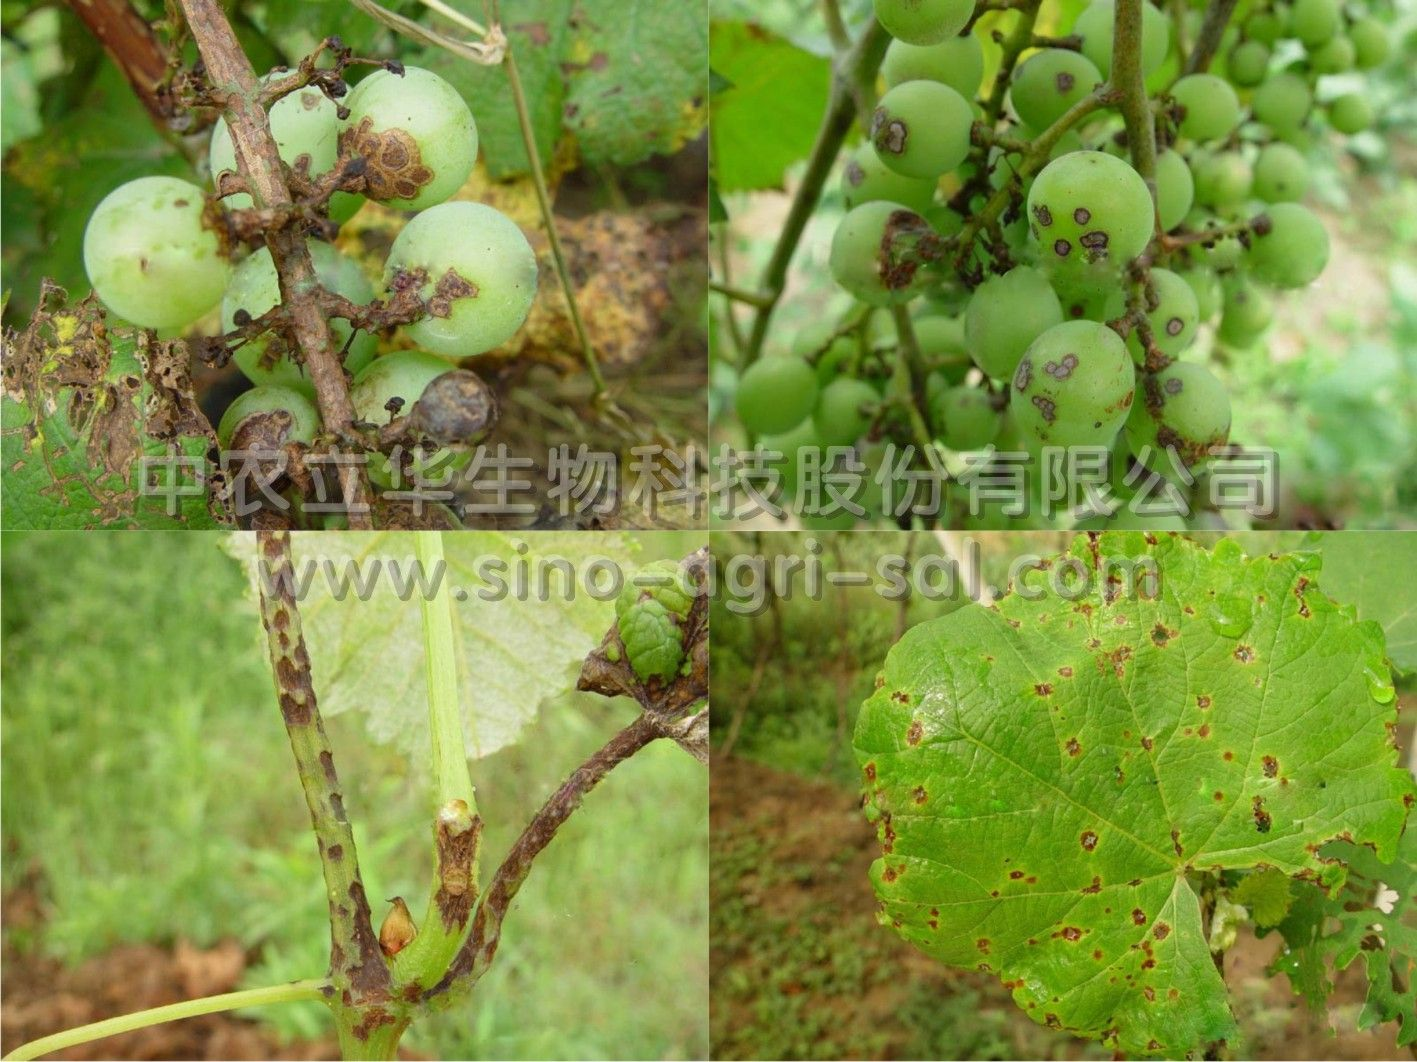 ⑤增施腐熟的有机肥,保证树体营养全面,健壮生长.